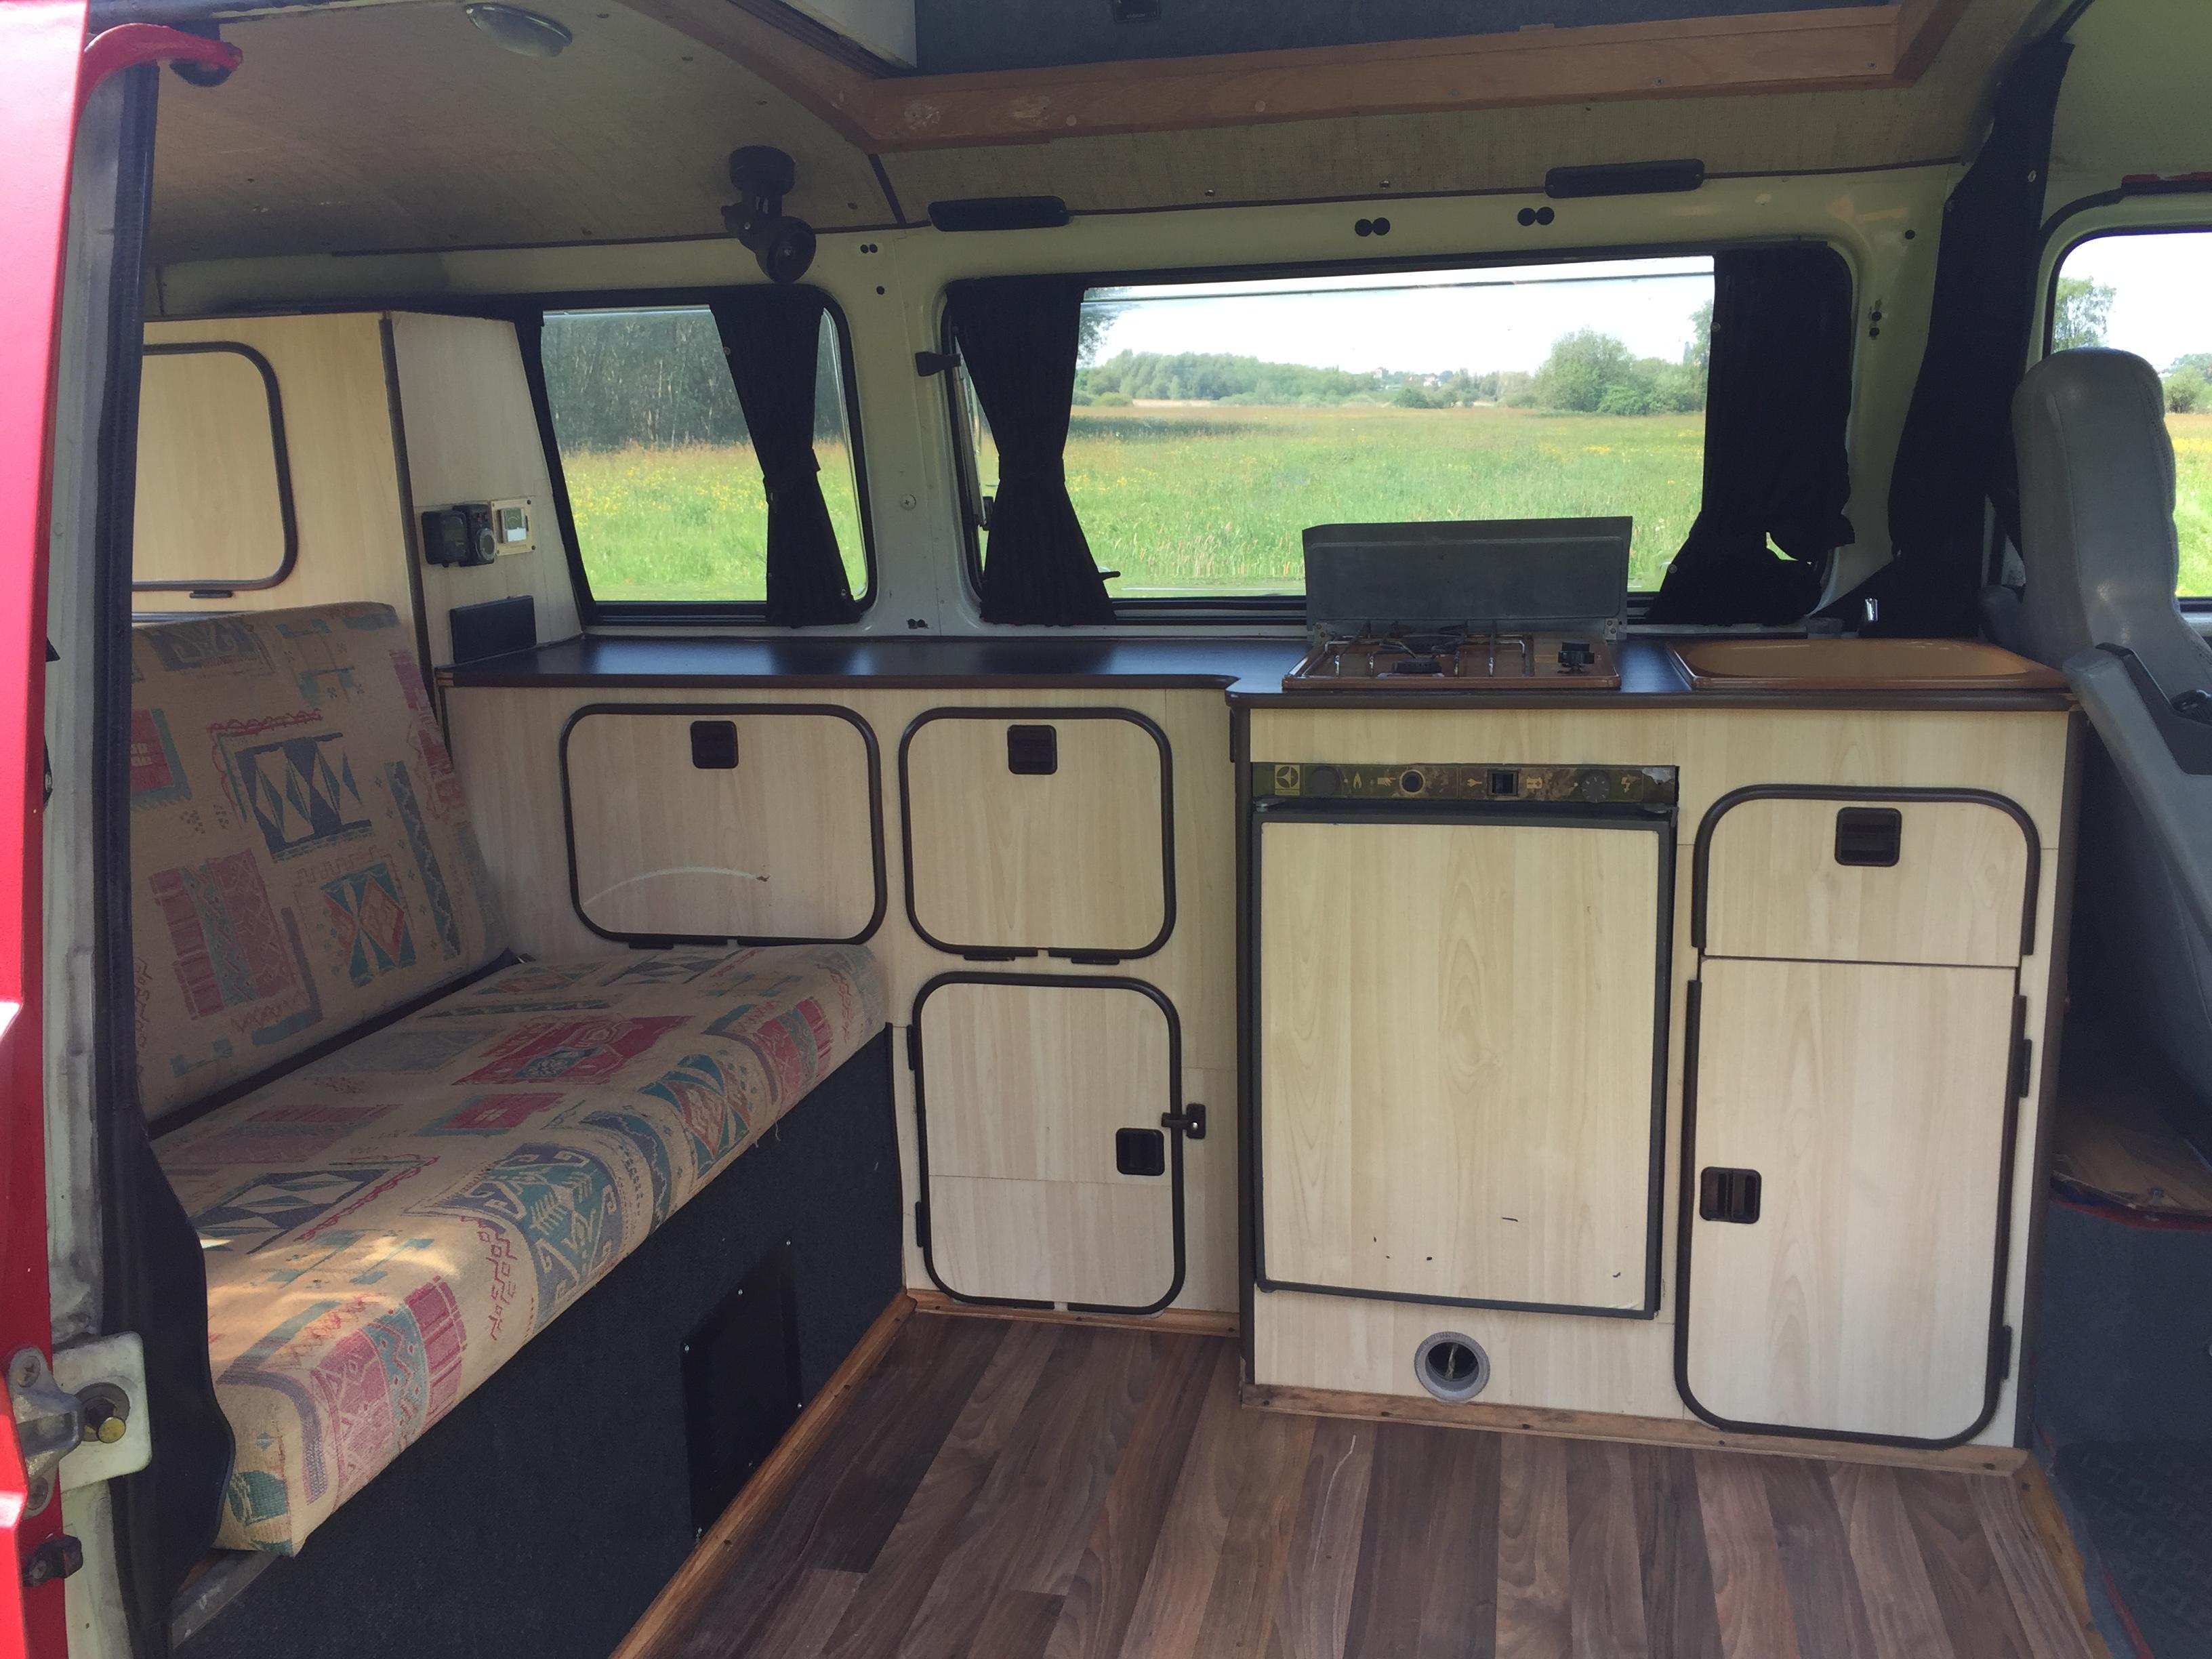 VW-T3-camper-mieten-rostock-urlaub-ostsee-schweden-norwegen-1